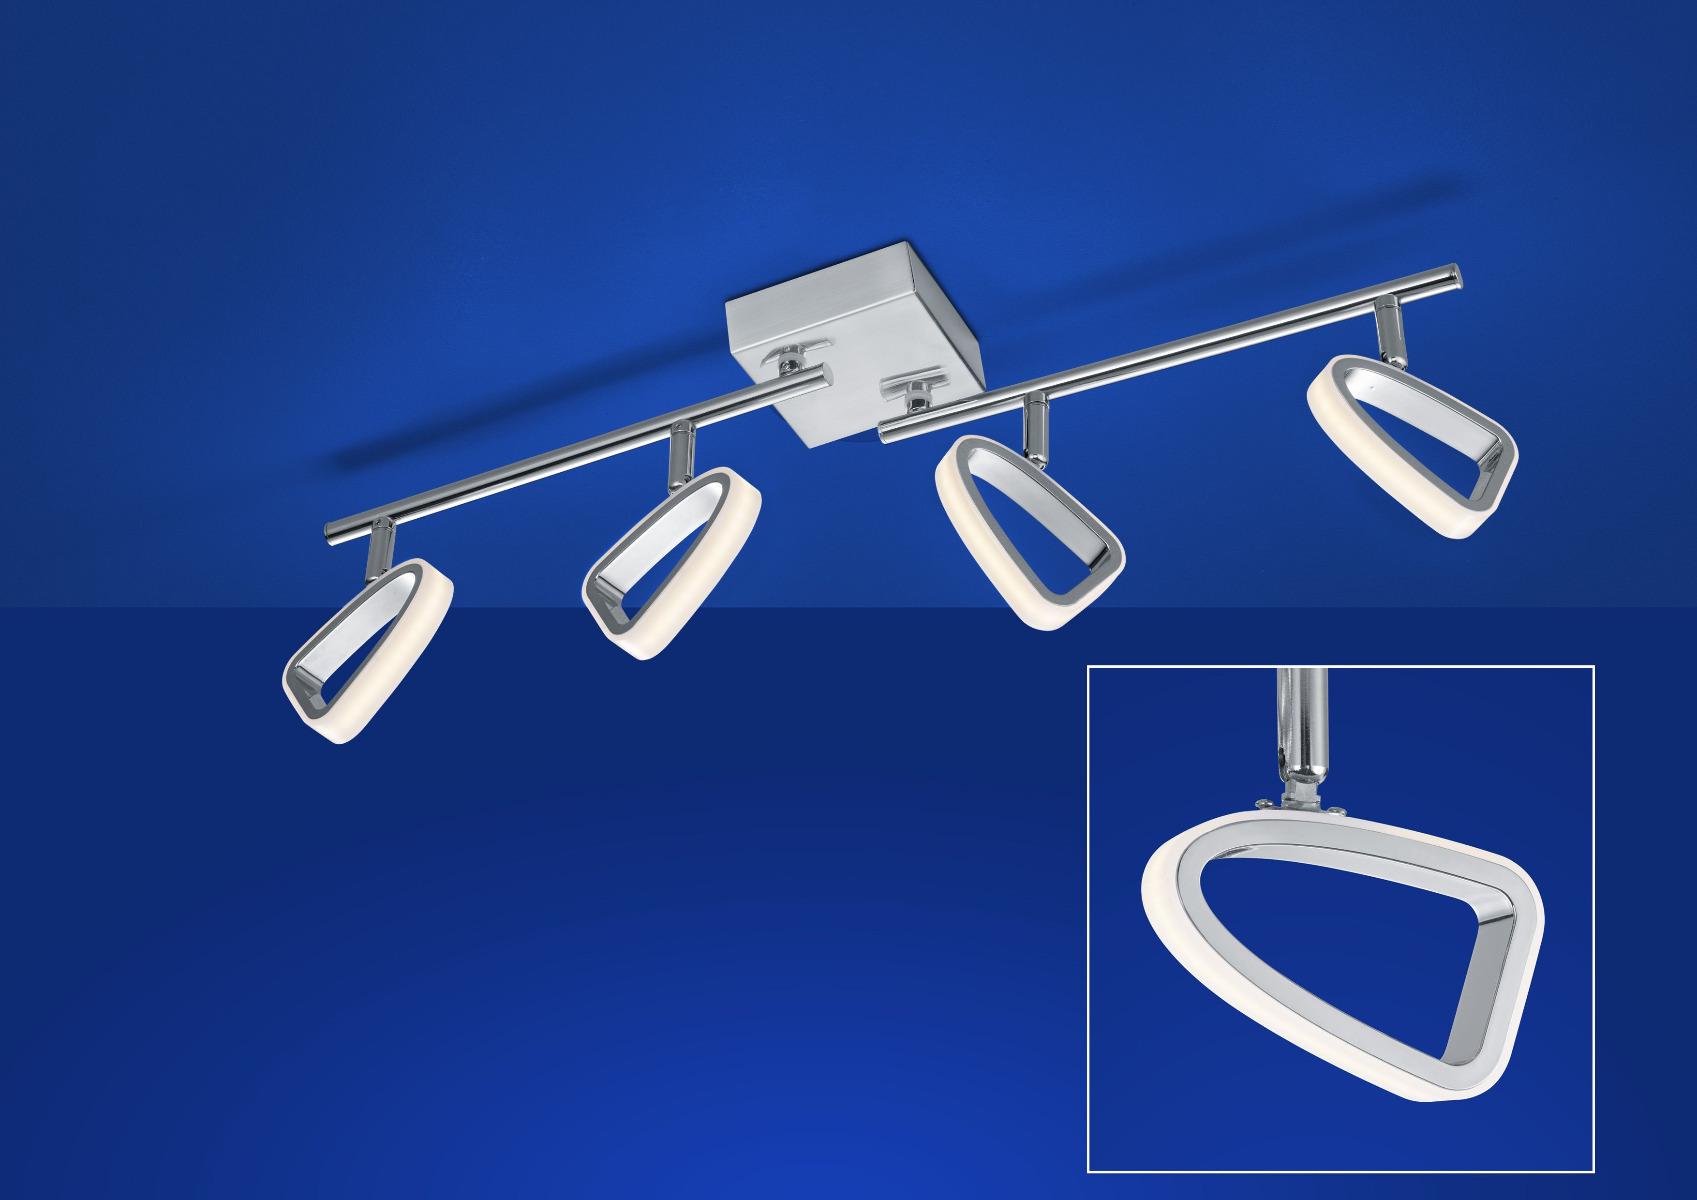 B-Leuchten Artikel von B-Leuchten FLEX LED Deckenleuchte 70425/4-92